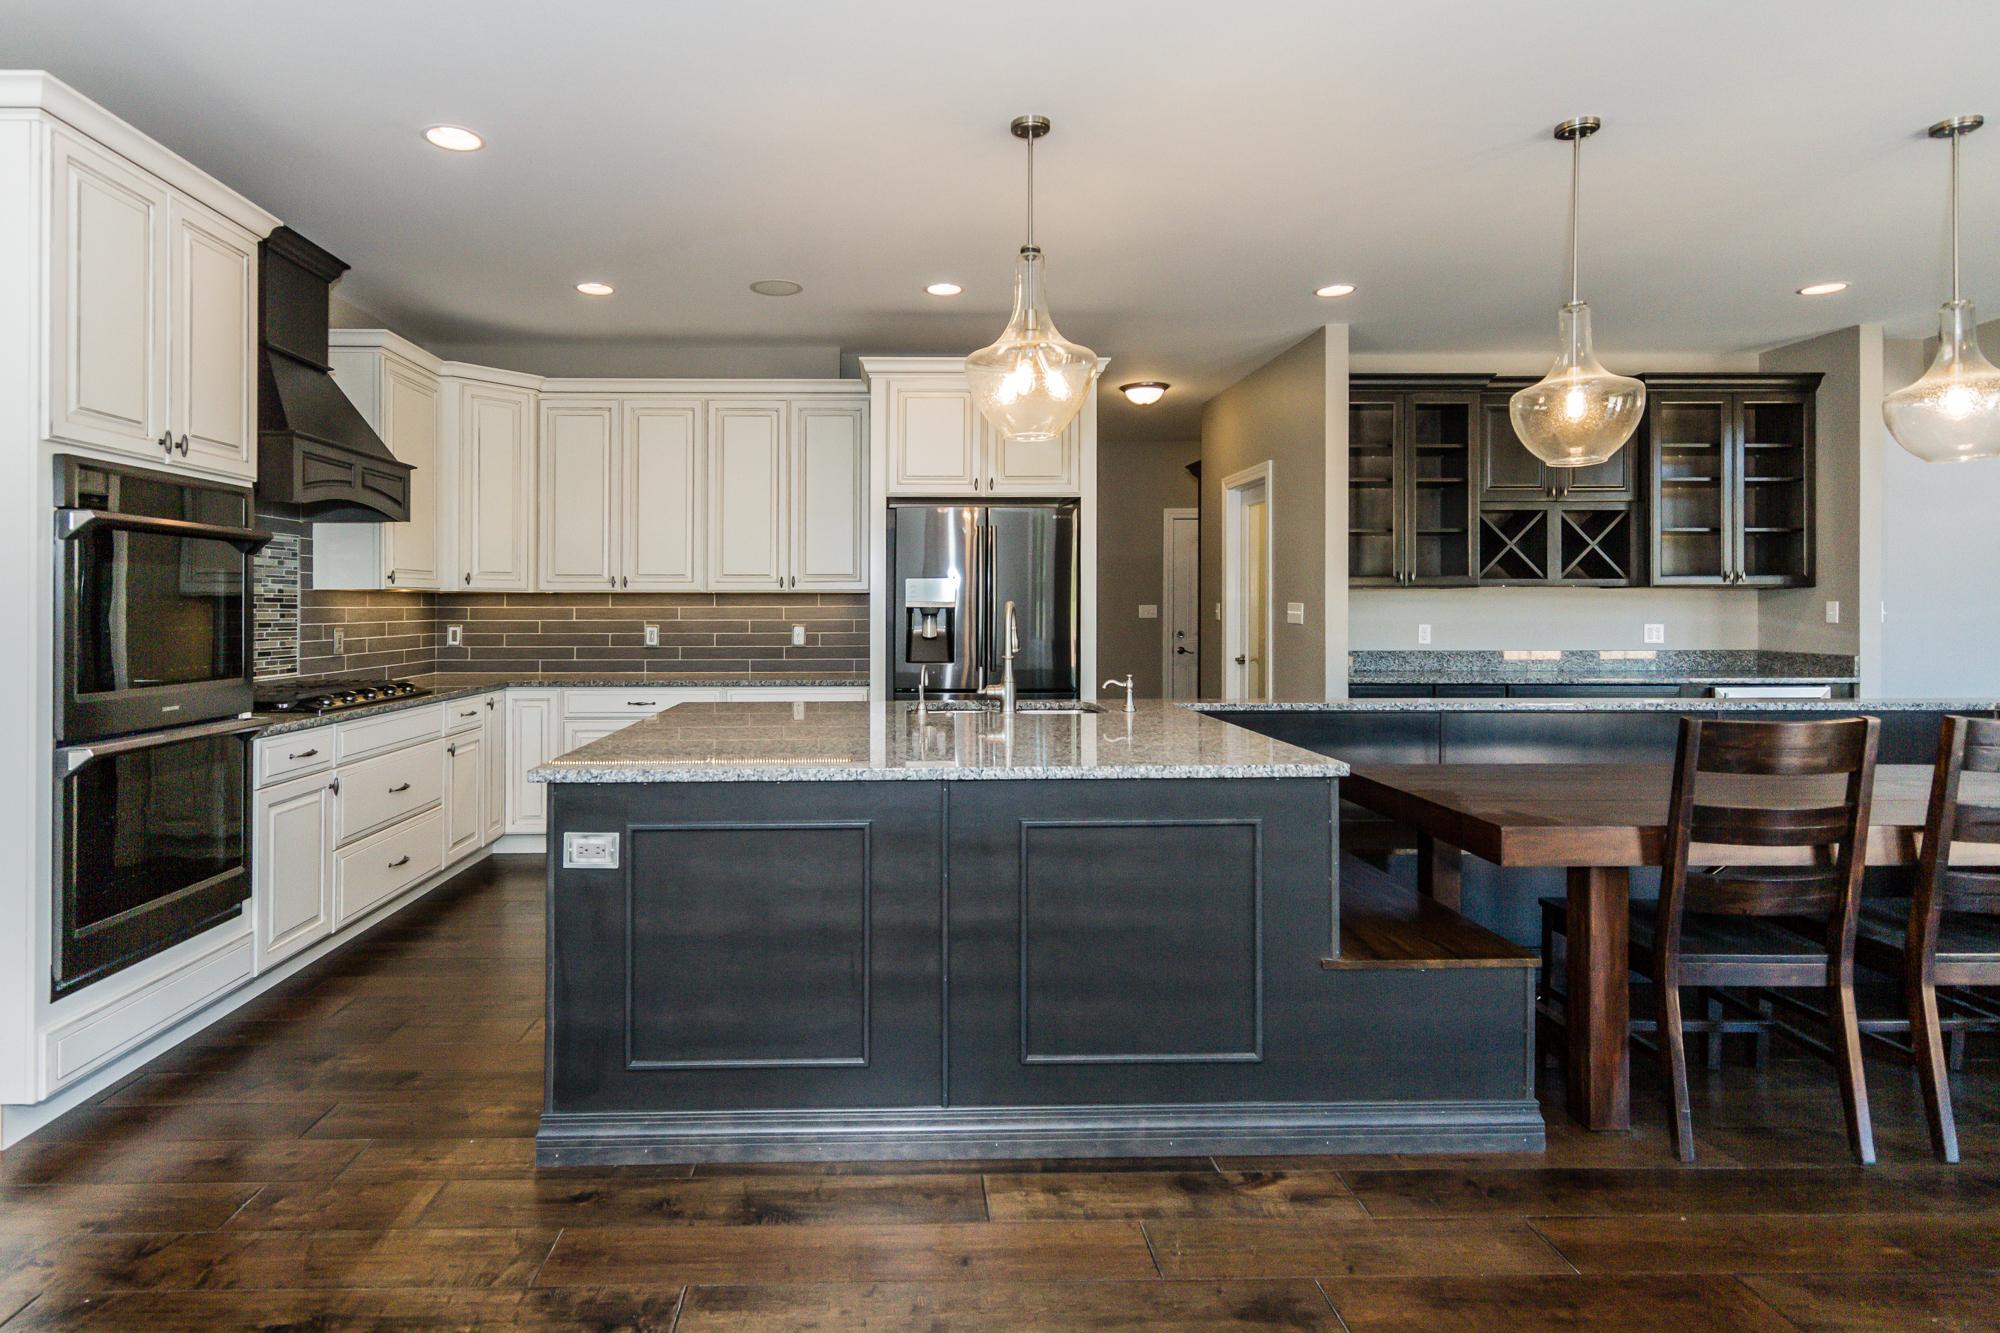 New-Construction-For-Sale-O'Fallon-Illinois-CR-Holland-0-37.jpg